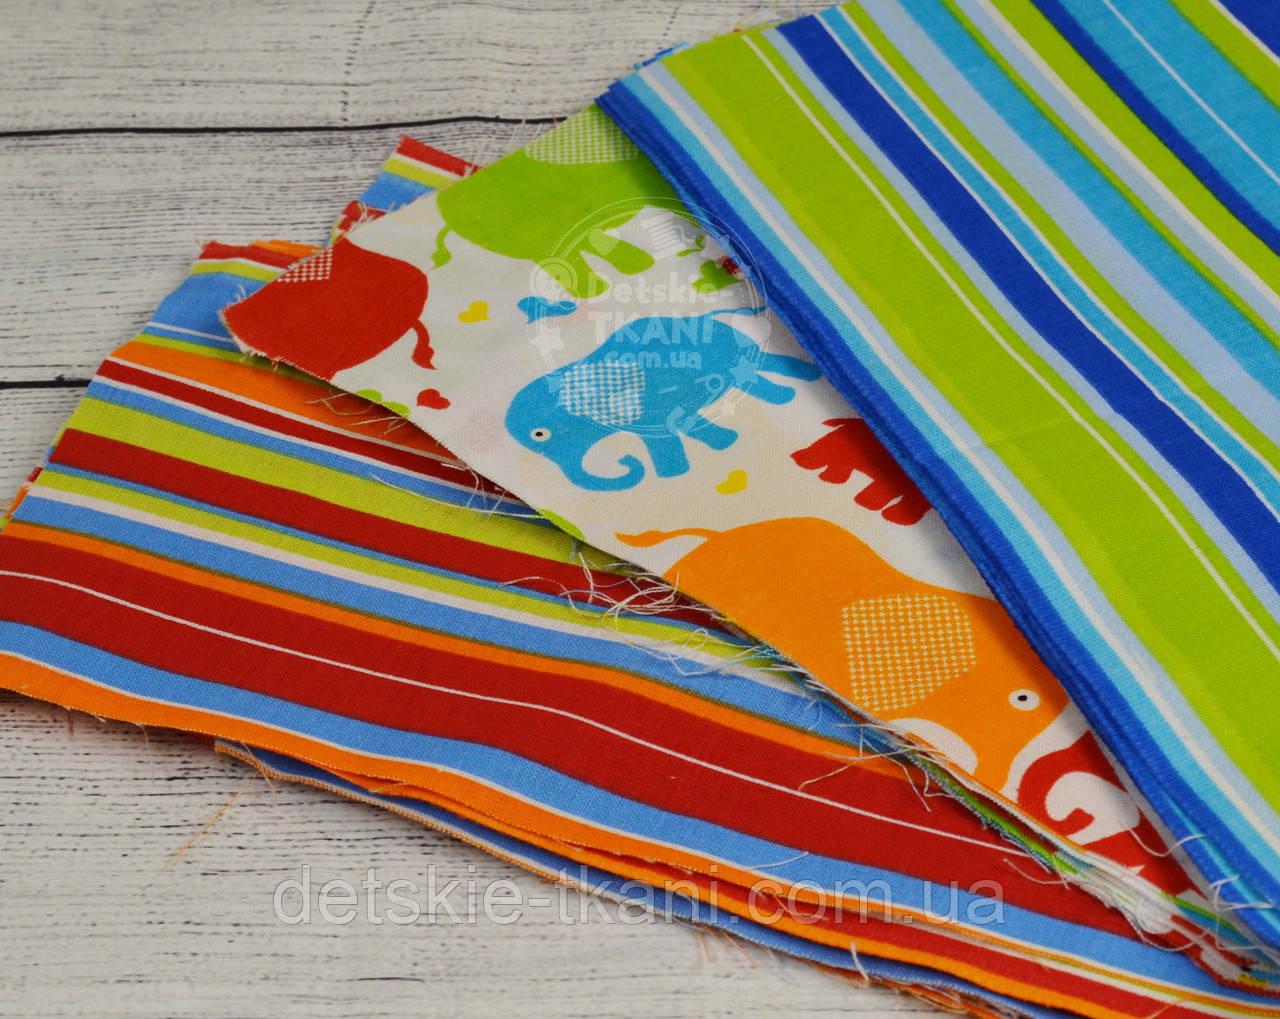 Набор лоскутков жёлто-оранжевых и синих тканей для пэчворка №7